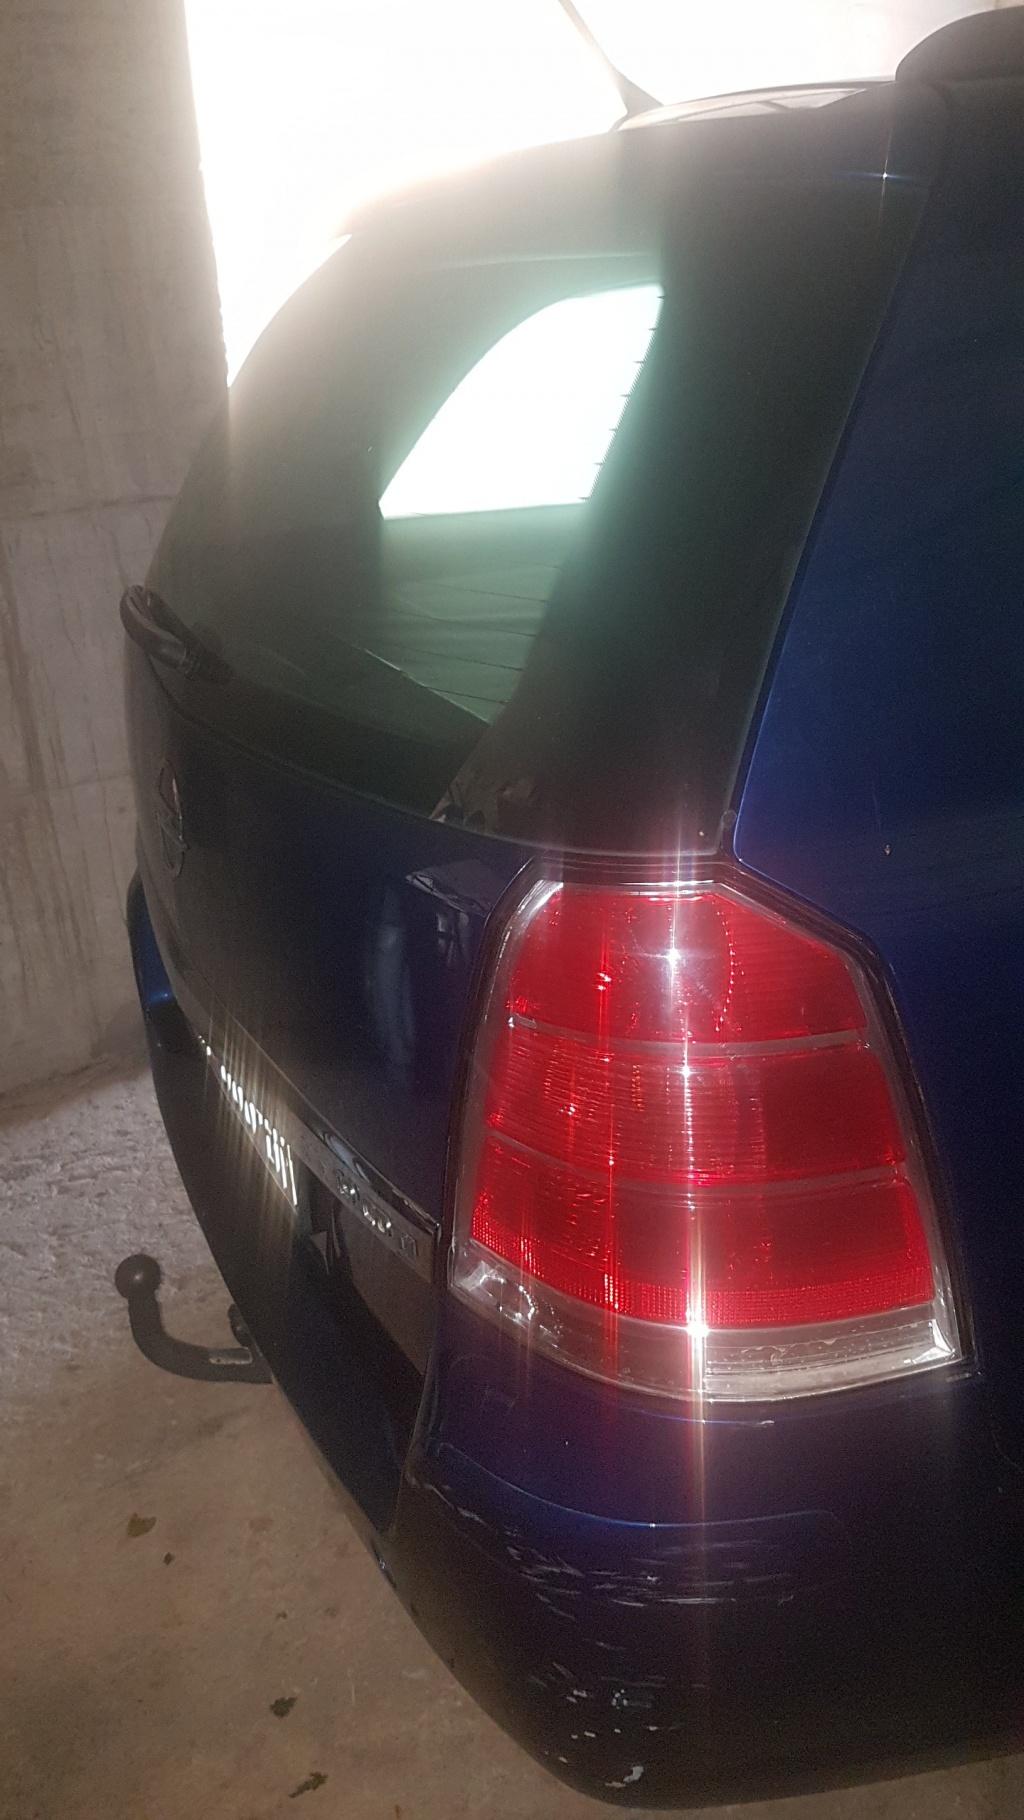 Opel Zafira 1.9, registriran